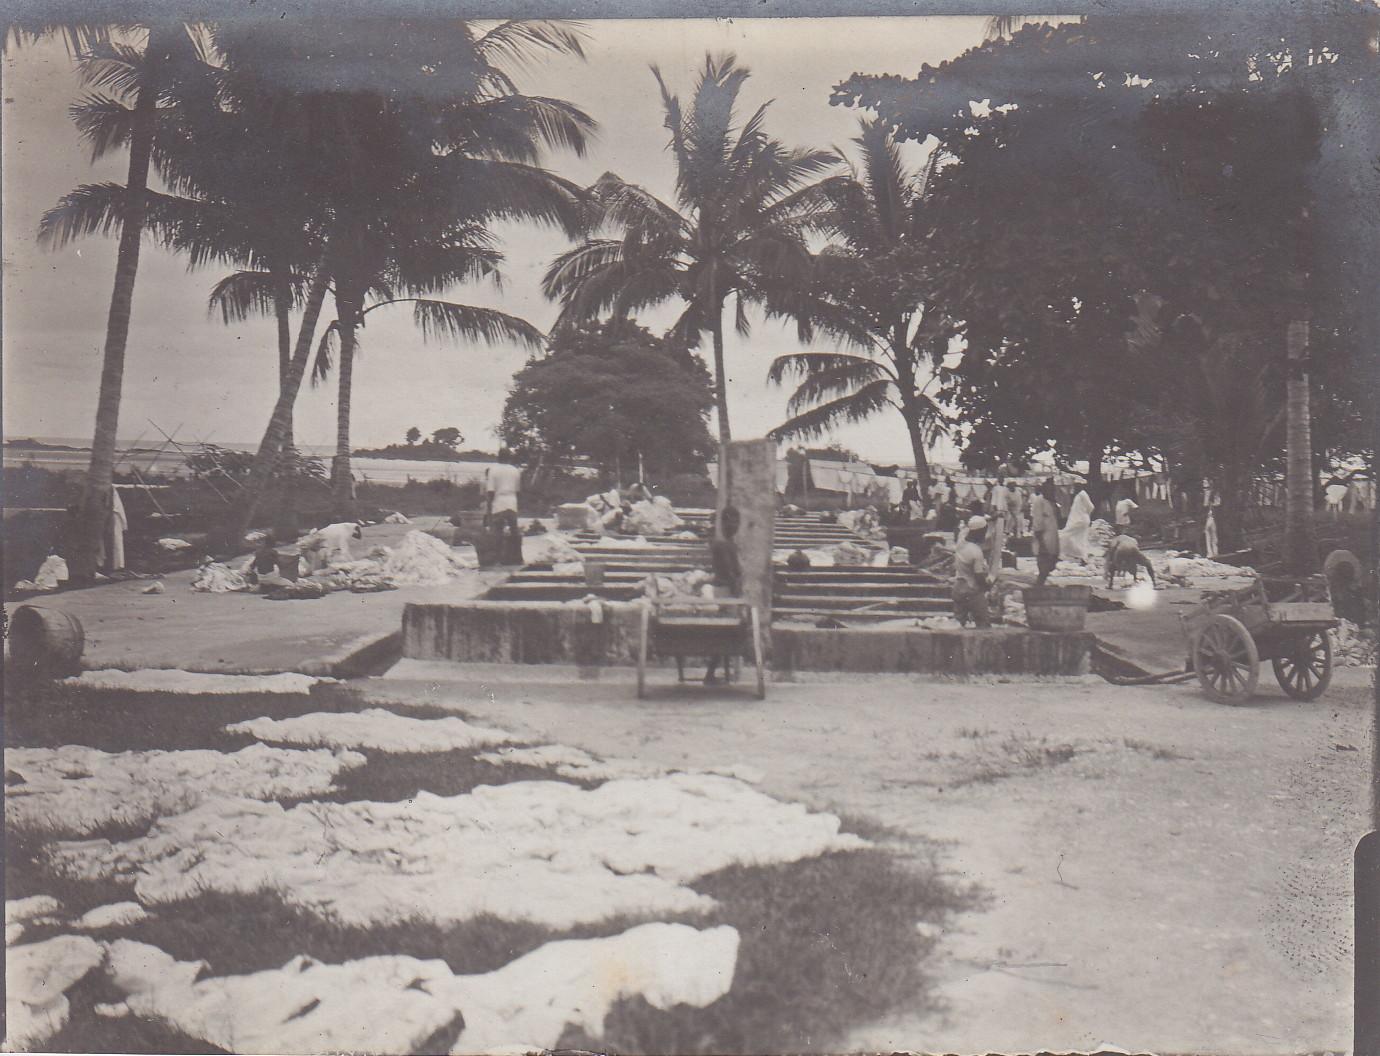 Waschbecken für Eingeborene - Sansibar